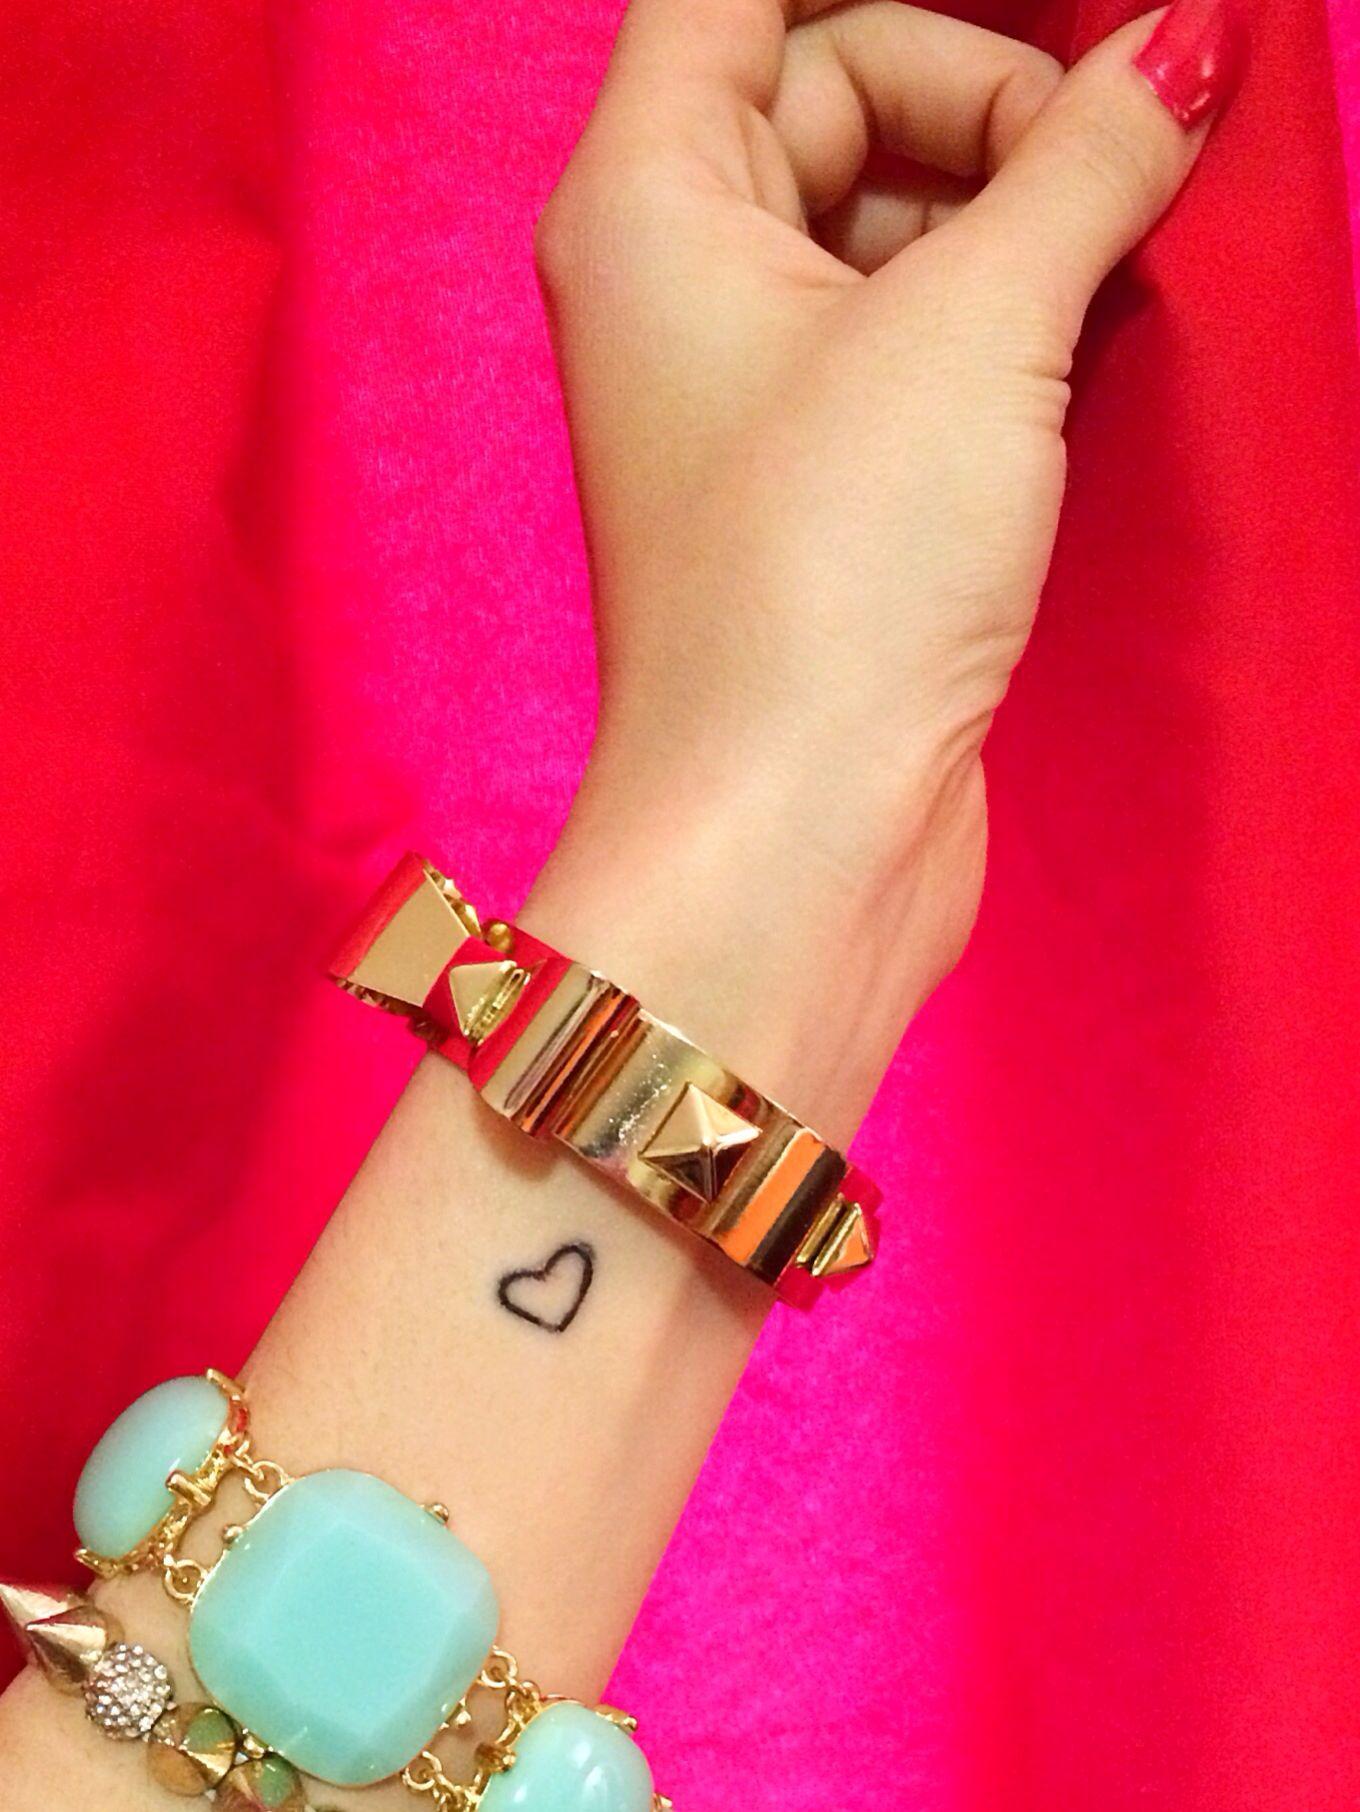 Small Heart Wrist Tattoo. Love.